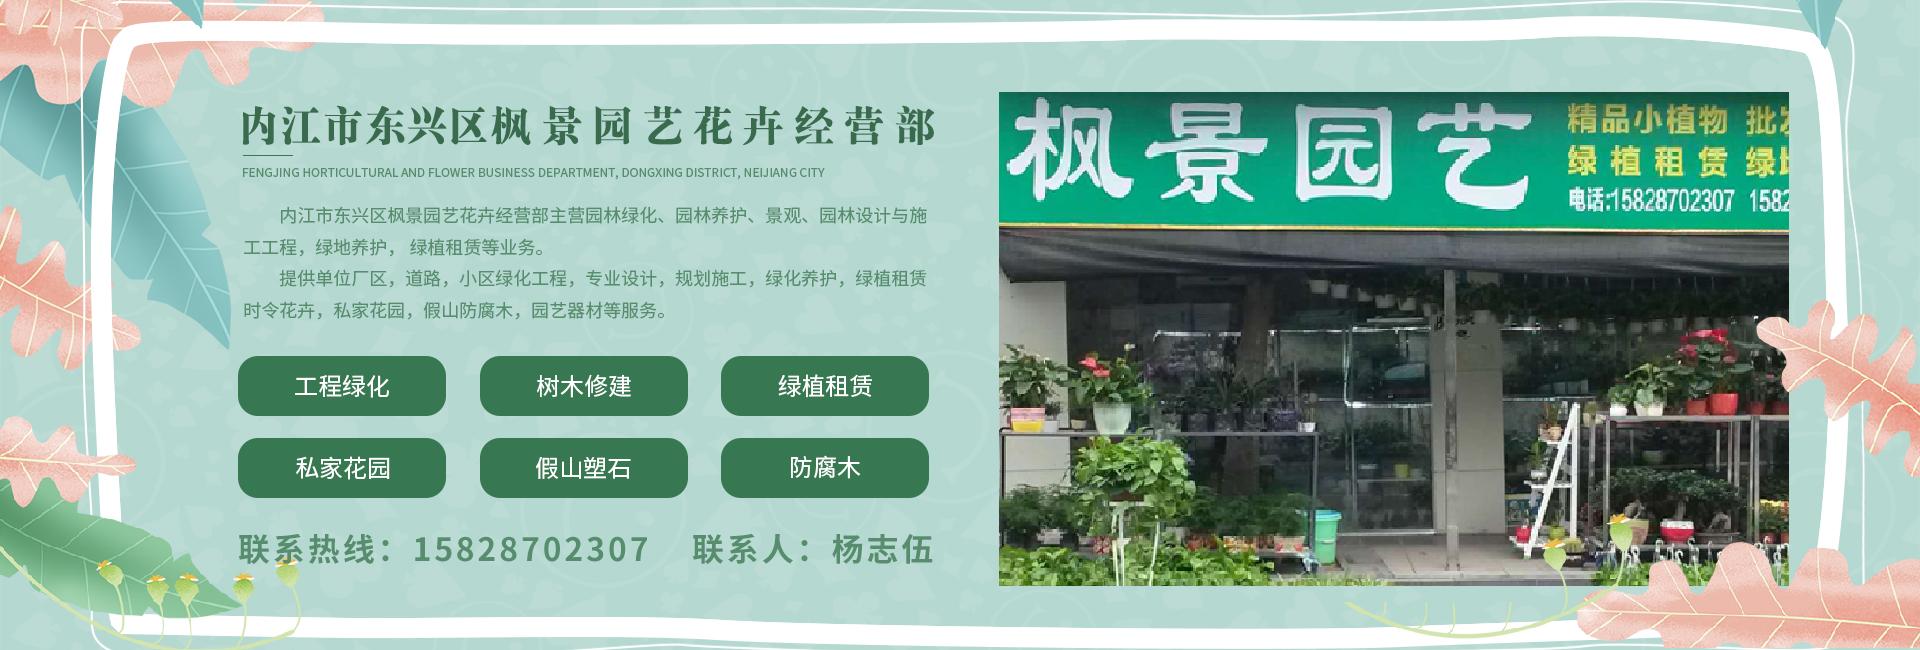 内江园林养护